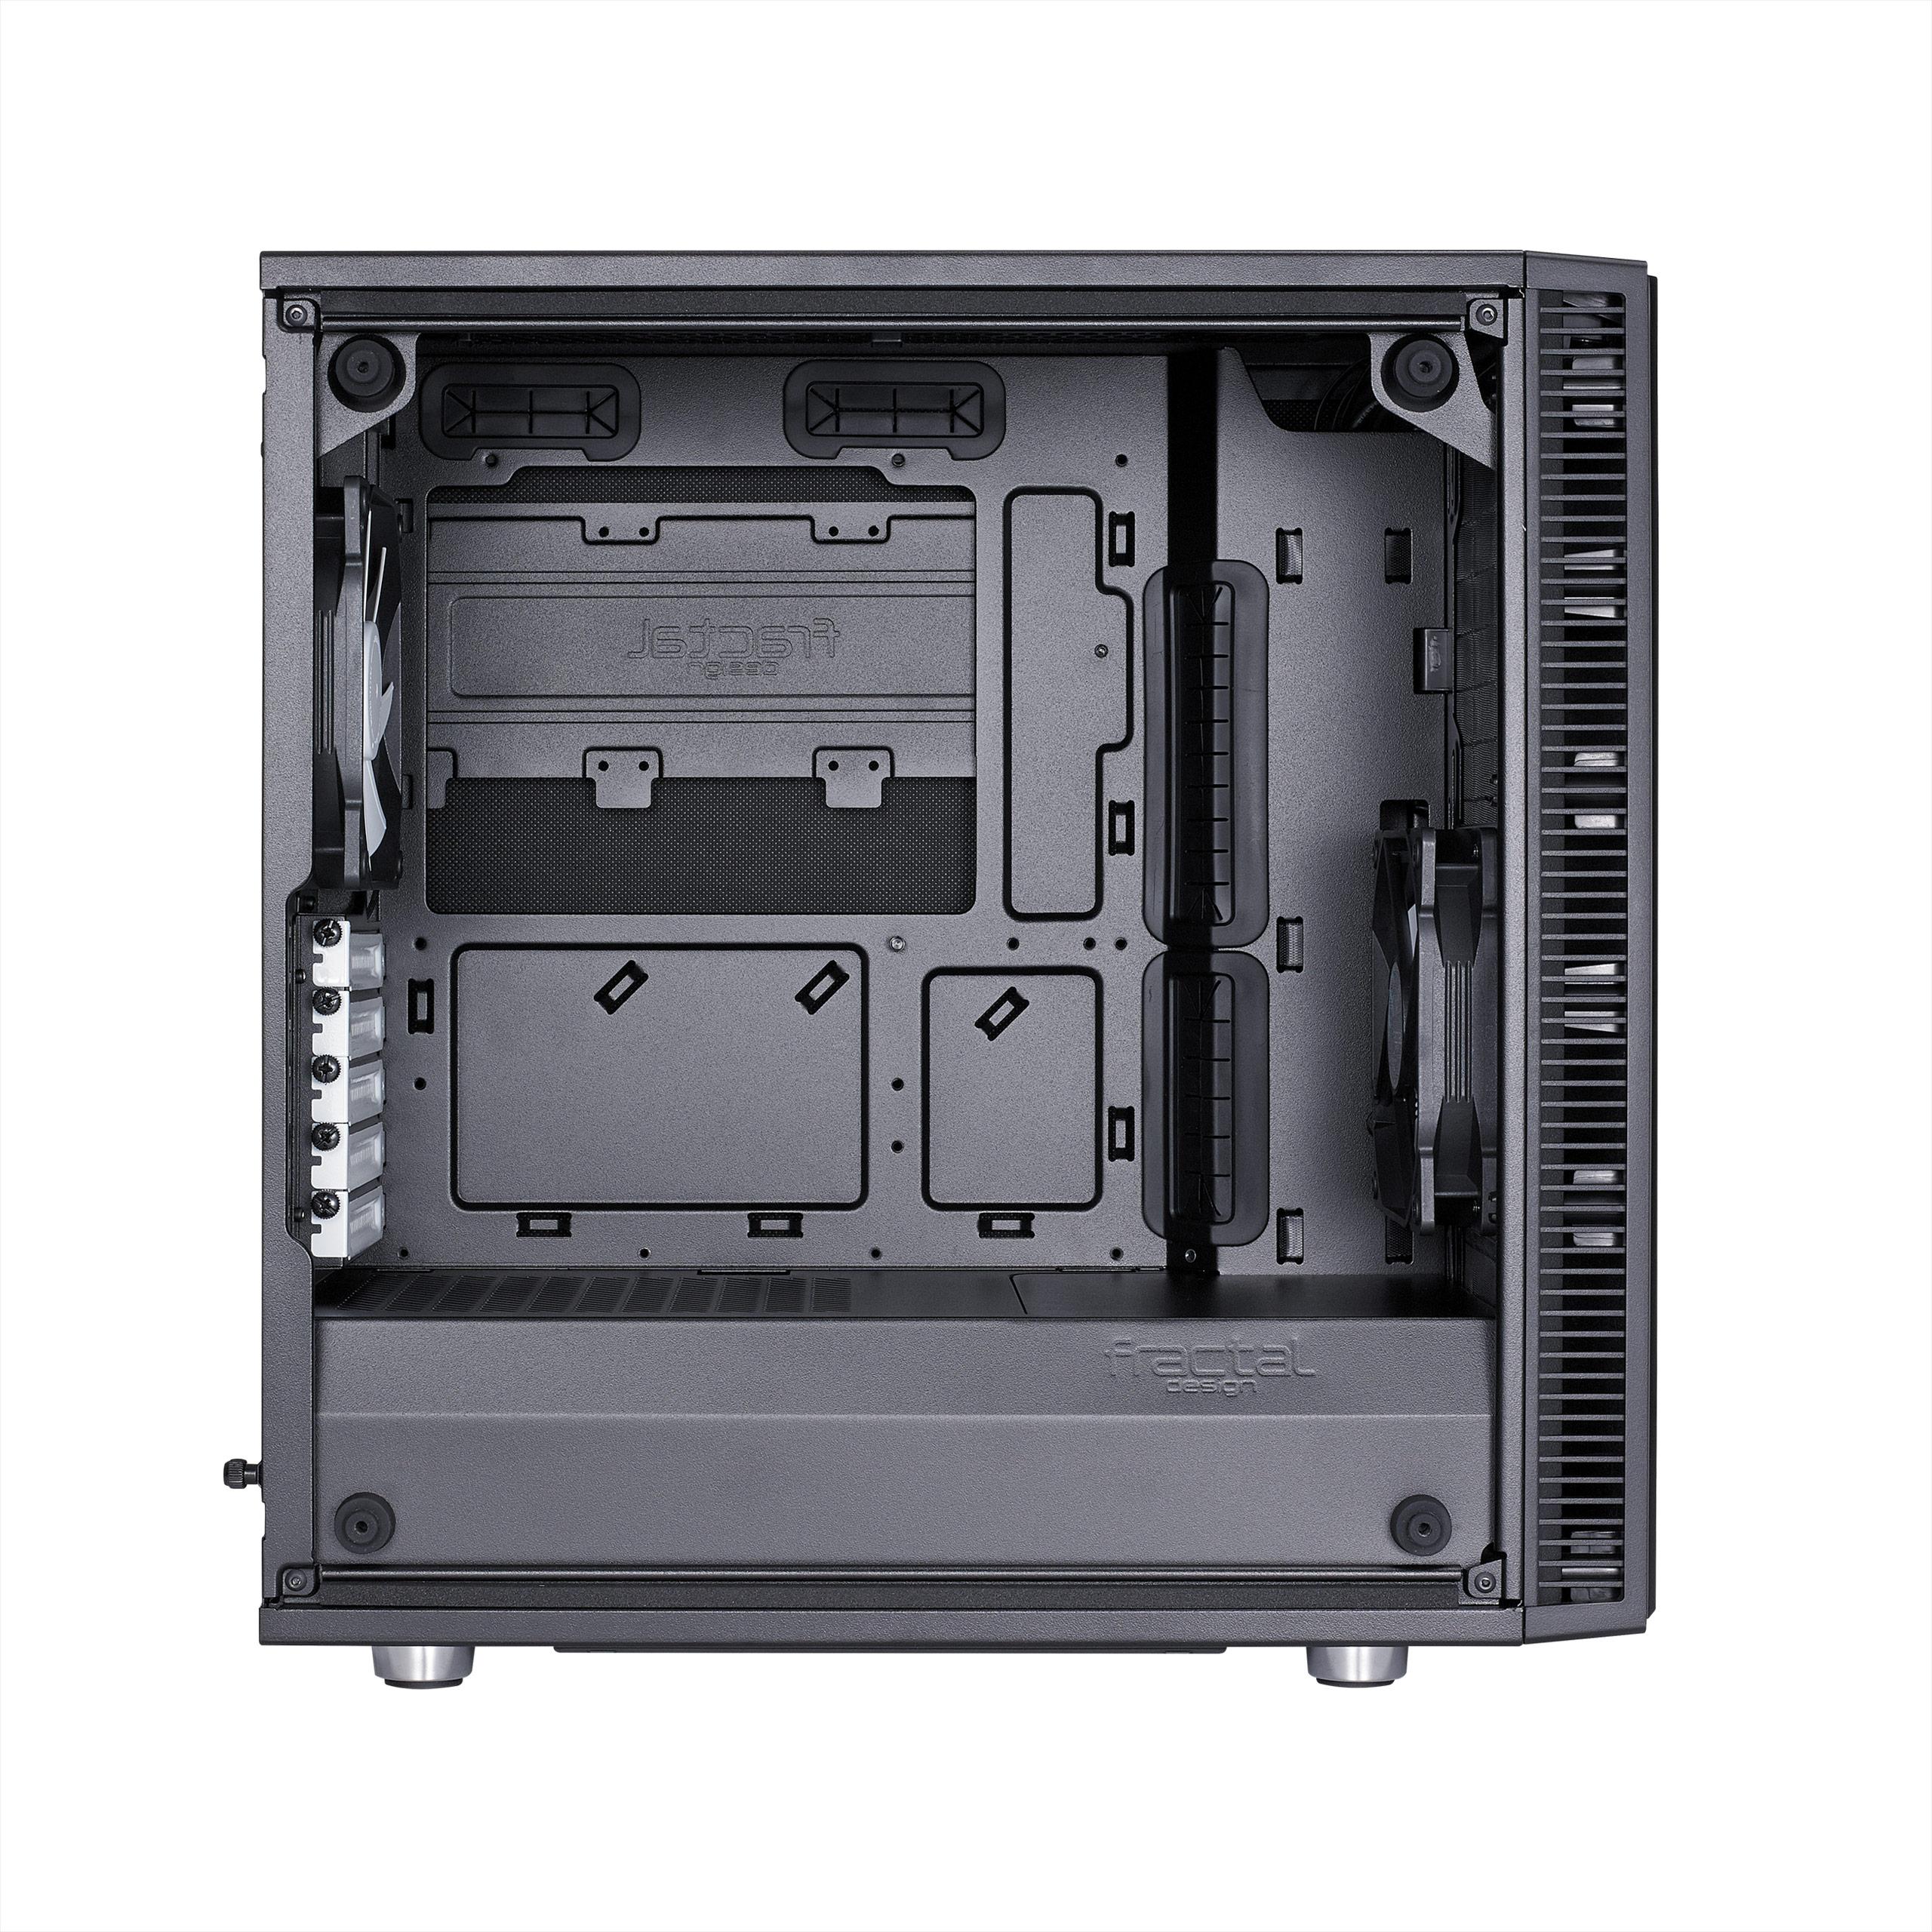 מארז Fractal Design Define Mini C Tg Black Micro Atx צבע שחור מעבדת מחשבים לתיקון מחשבי אפל ומחשבים ניידים איי טי סמארט,Latest Gold Long Mangalsutra Designs 2020 With Price